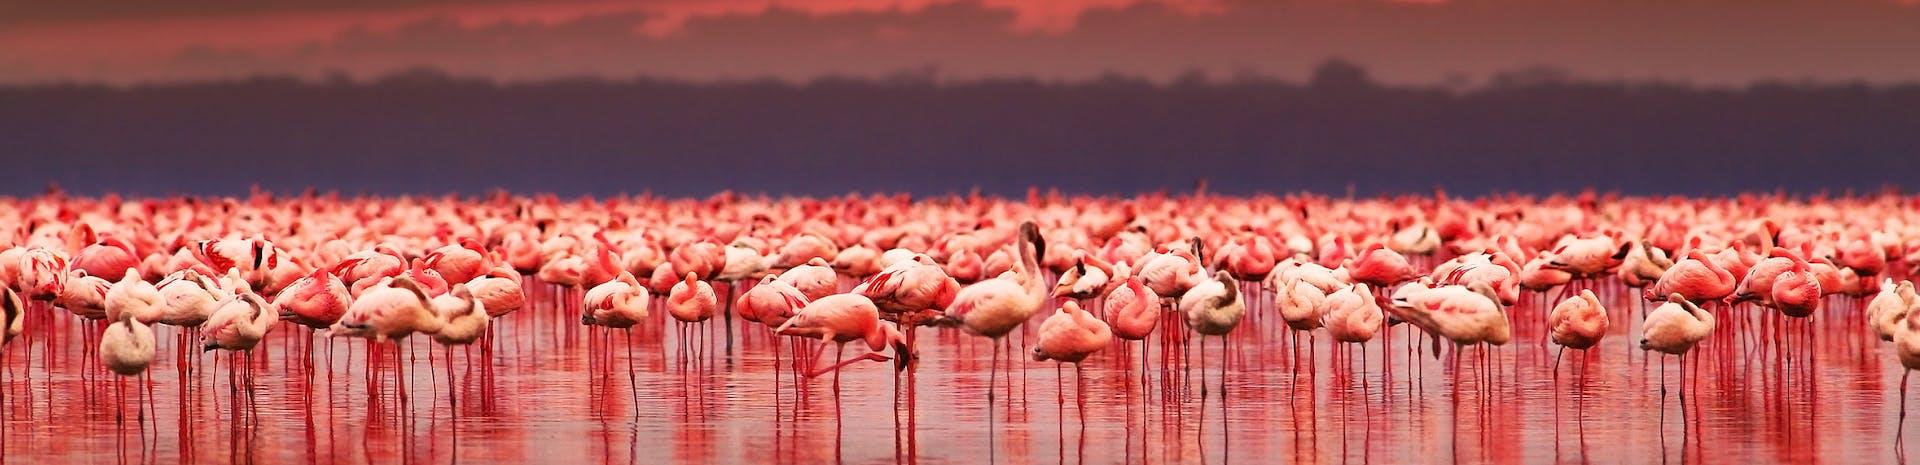 Picture of Eldoret